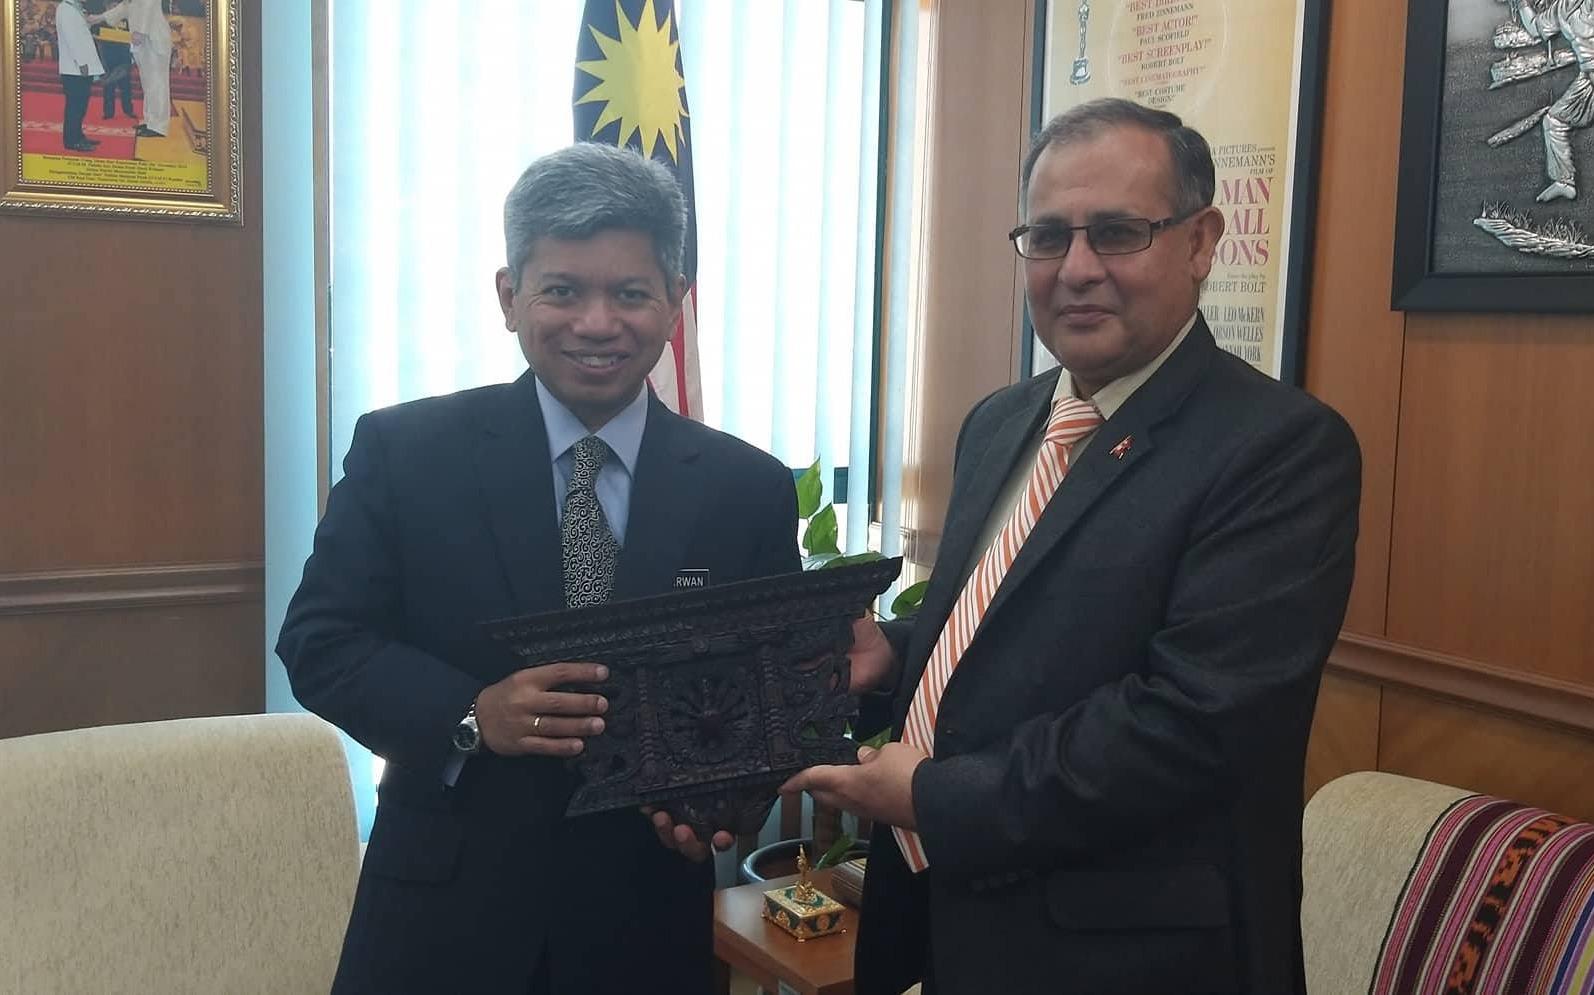 मलेसिया रोजगारी खुलाउन राजदूत पाण्डे र मलेसियाली परराष्ट्र मन्त्रालयका उच्च अधिकारीबीच भेटवार्ता